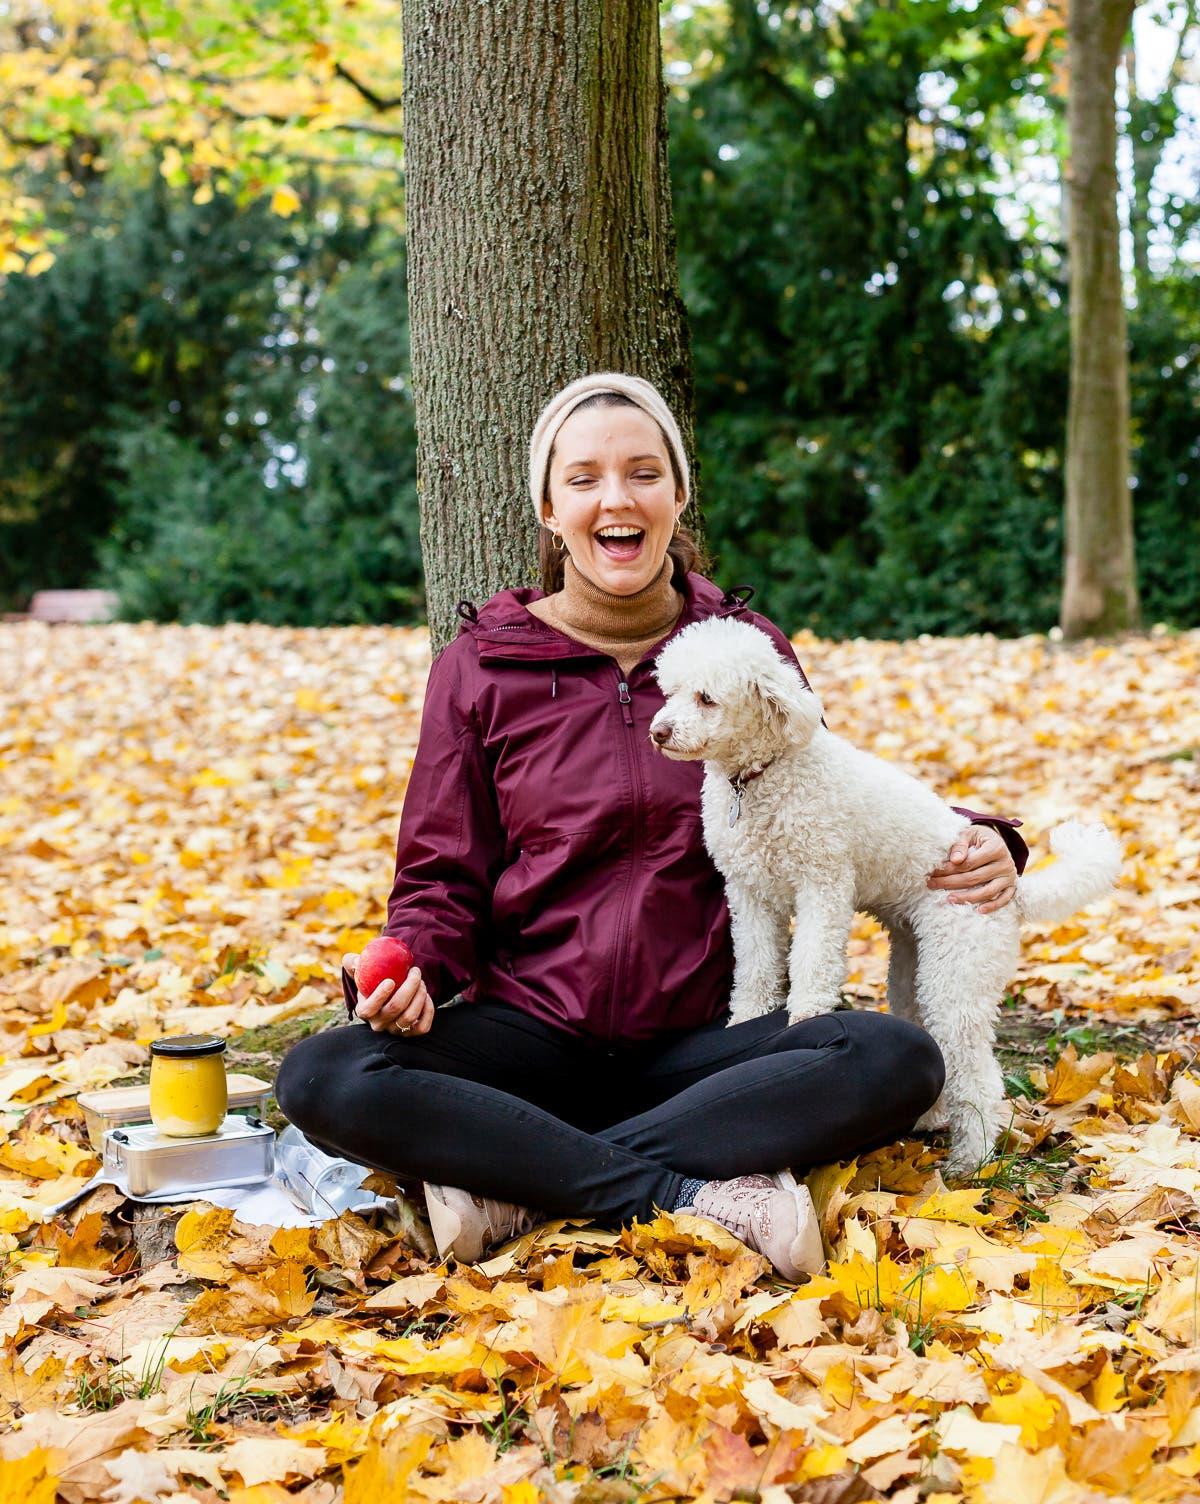 Frau sitzt an einen Baum gelehnt im Herbstlaub und streichelt lächelnd ihren Pudel.